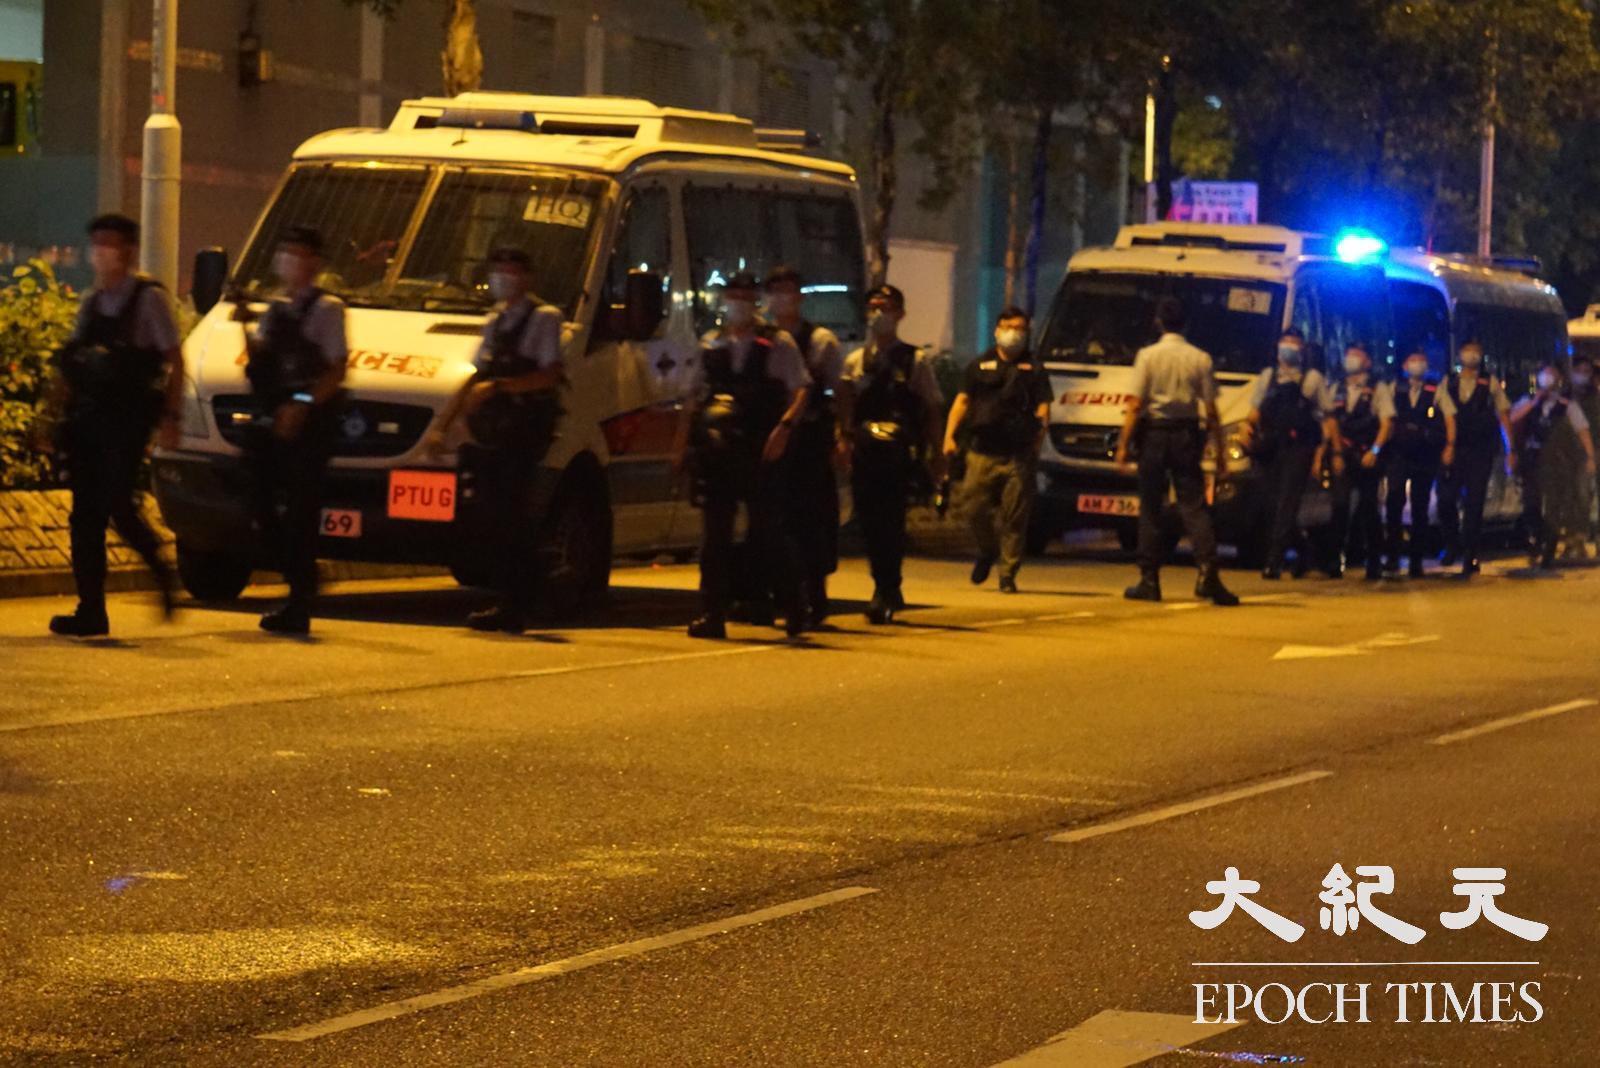 有過百警員於尚德範圍駐守,但無行動阻止市民拜祭悼念。(鼓佬/大紀元)